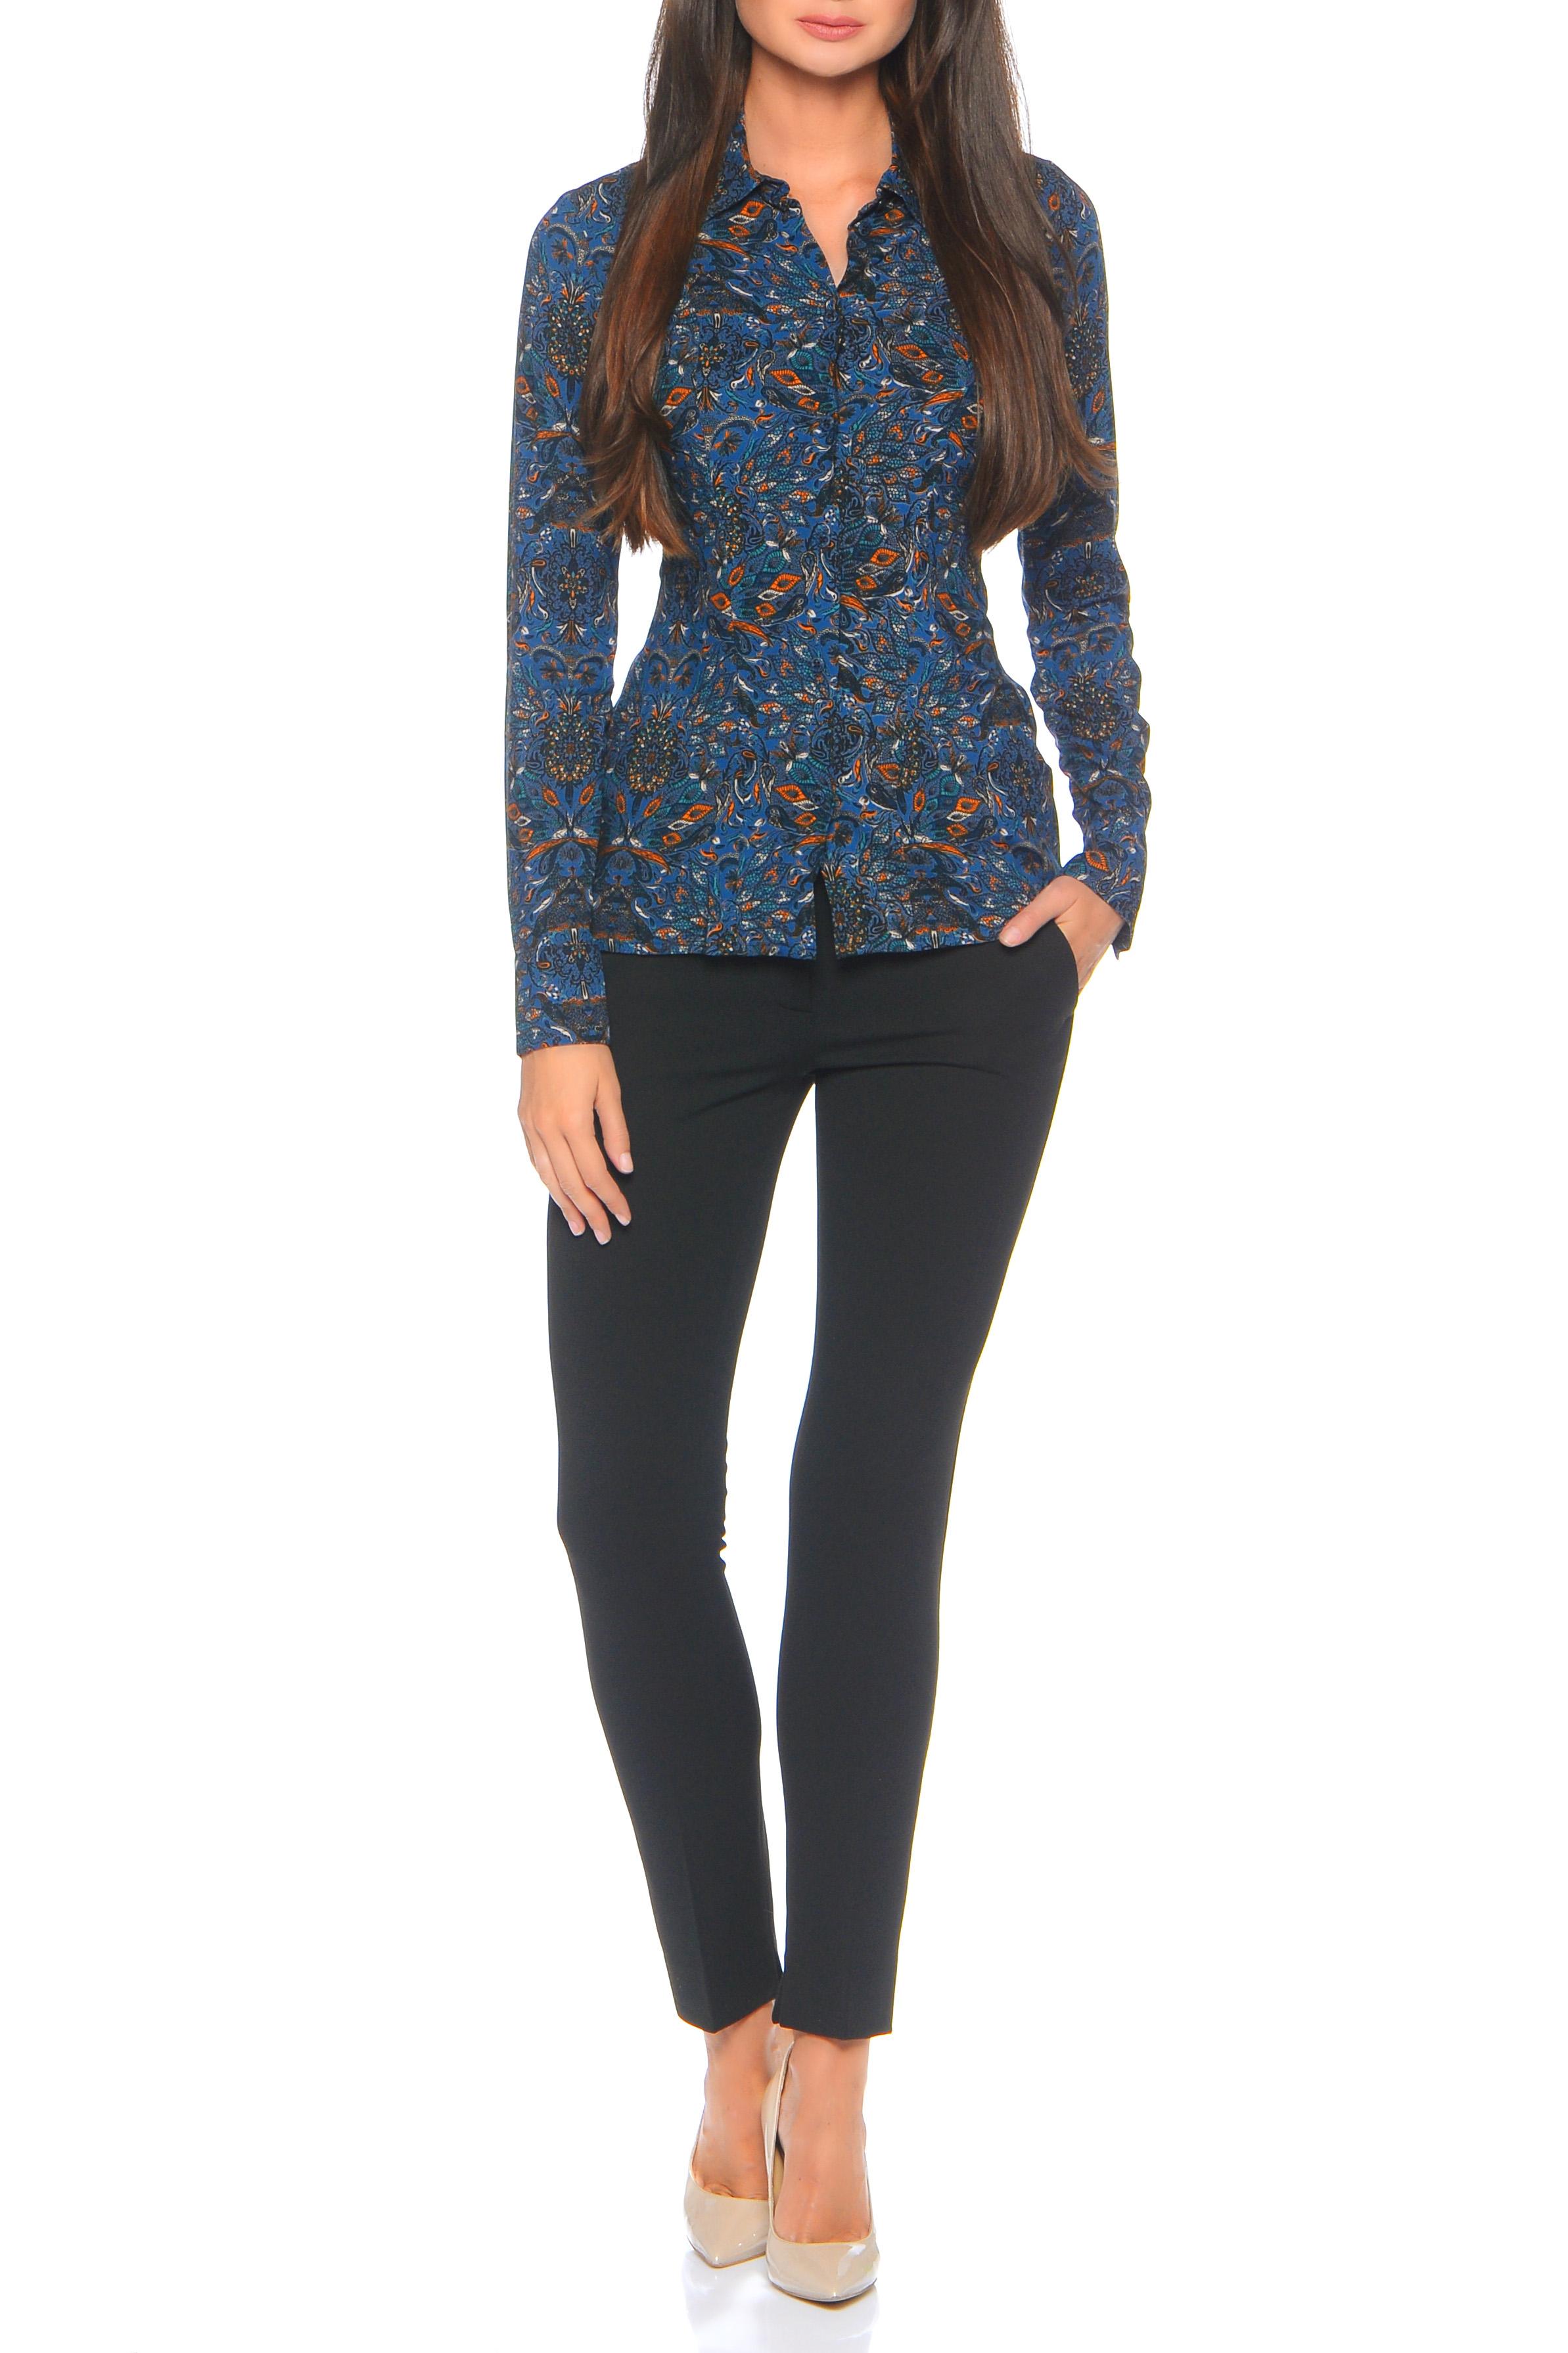 БлузкаРубашки<br>Блузка-рубашка прилегающего силуэта с вертикальным рядом пуговиц спереди, прямым воротником на стойке и длинным рукавом с отложной манжетой, которая помогает легко quot;наращиватьquot; длину рукава. Универсальная длина рубашки до бедра позволяет высоким девушкам носить ее на выпуск, а миниатюрным заправляя в брюки и юбку. Неоспоримый плюс: изящный восточный quot;витражныйquot; принт. Все это очень легко комбинируется с базовыми вещами гардероба, не зависимо от сезона. Внимание Блуза облегающего силуэта.   Ростовка изделия 170 см.  В изделии использованы цвета: синий, оранжевый и др.  Параметры размеров: 42 размер соответствует обхвату груди 80 см;  44 размер соответствует обхвату груди 84 см;  46 размер соответствует обхвату груди 88 см;  48 размер соответствует обхвату груди 92 см;  50 размер соответствует обхвату груди 98 см;  52 размер соответствует обхвату груди 100 см;  54 размер соответствует обхвату груди 100 см.<br><br>Воротник: Рубашечный<br>Застежка: С пуговицами<br>По материалу: Вискоза,Тканевые<br>По рисунку: С принтом,Цветные,Этнические<br>По сезону: Весна,Зима,Лето,Осень,Всесезон<br>По силуэту: Приталенные<br>По стилю: Повседневный стиль<br>По элементам: С манжетами<br>Рукав: Длинный рукав<br>Размер : 44,46,48<br>Материал: Вискоза<br>Количество в наличии: 3